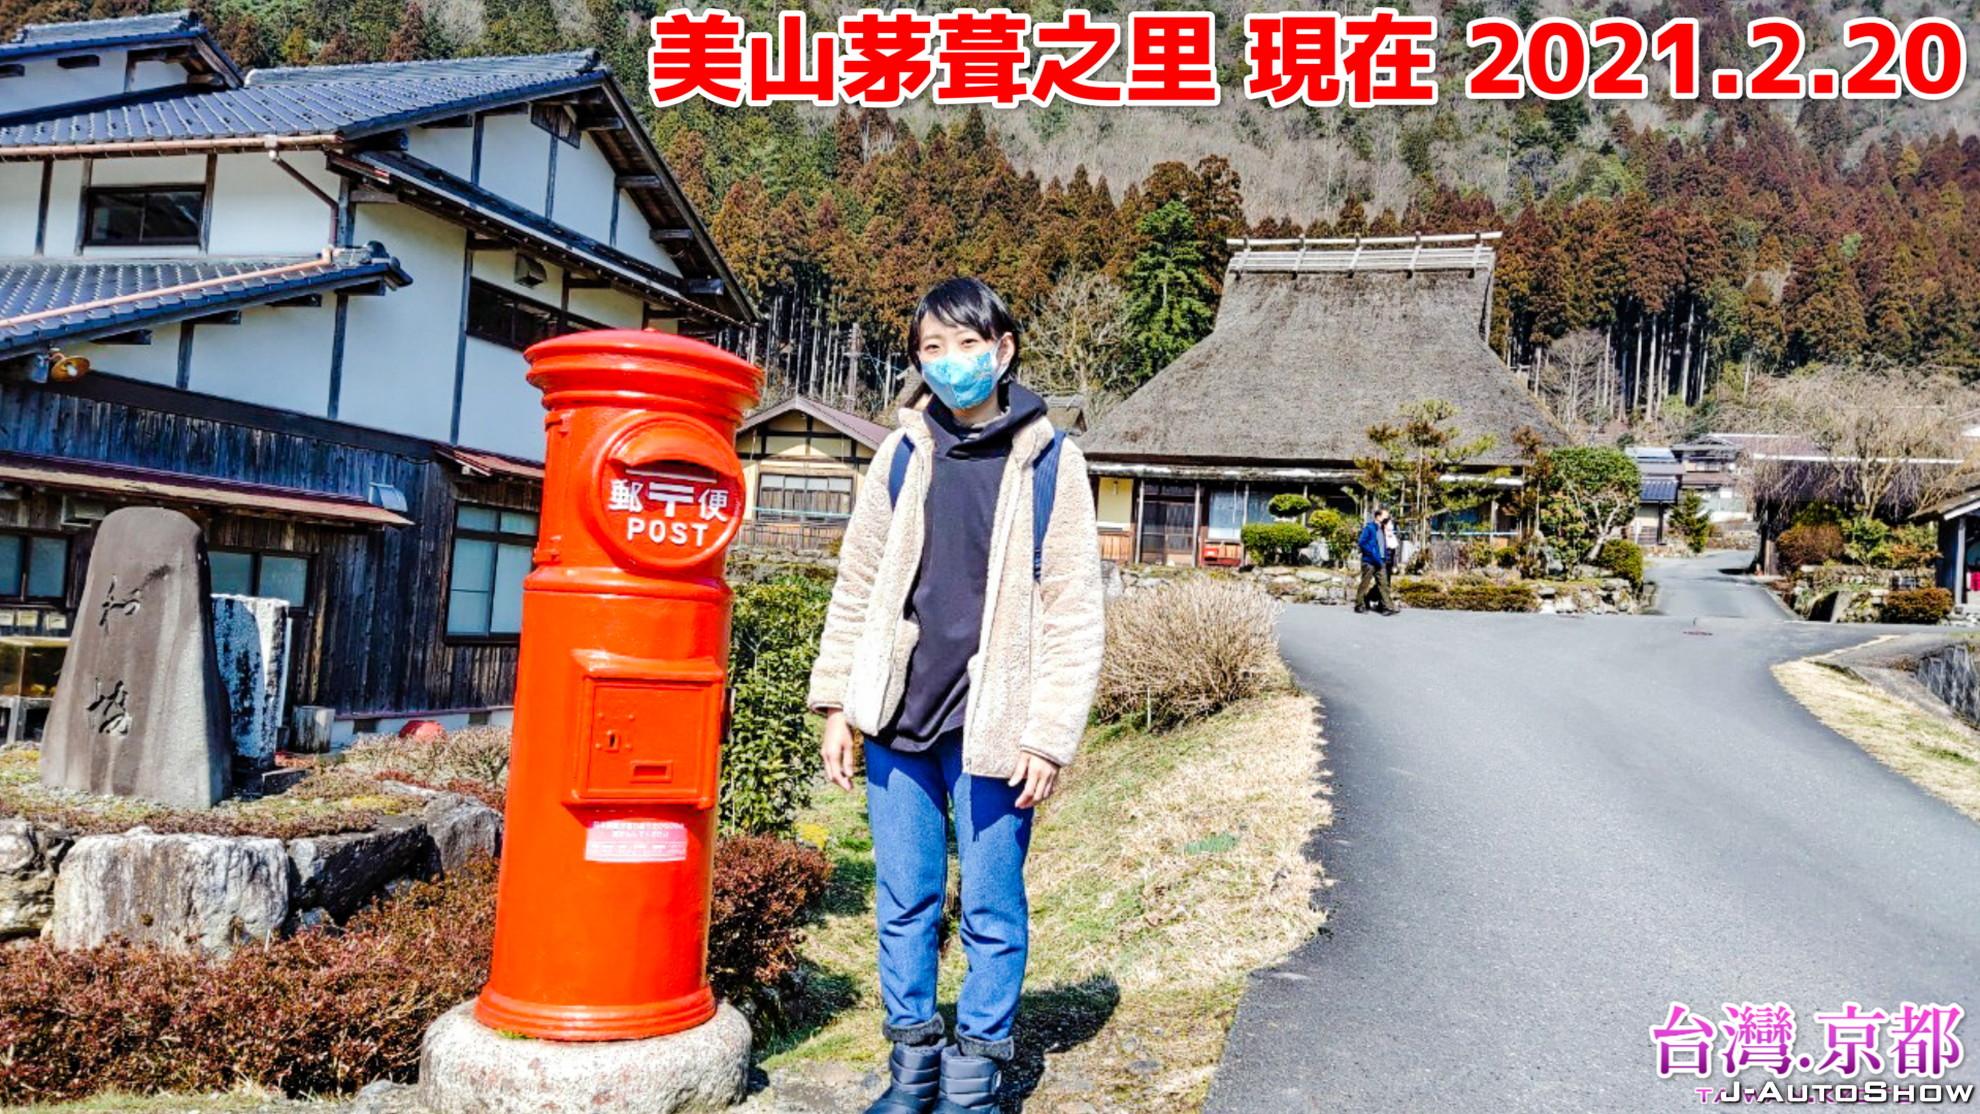 京都美山かやぶきの里の現在の様子を台湾に向けてライブ配信